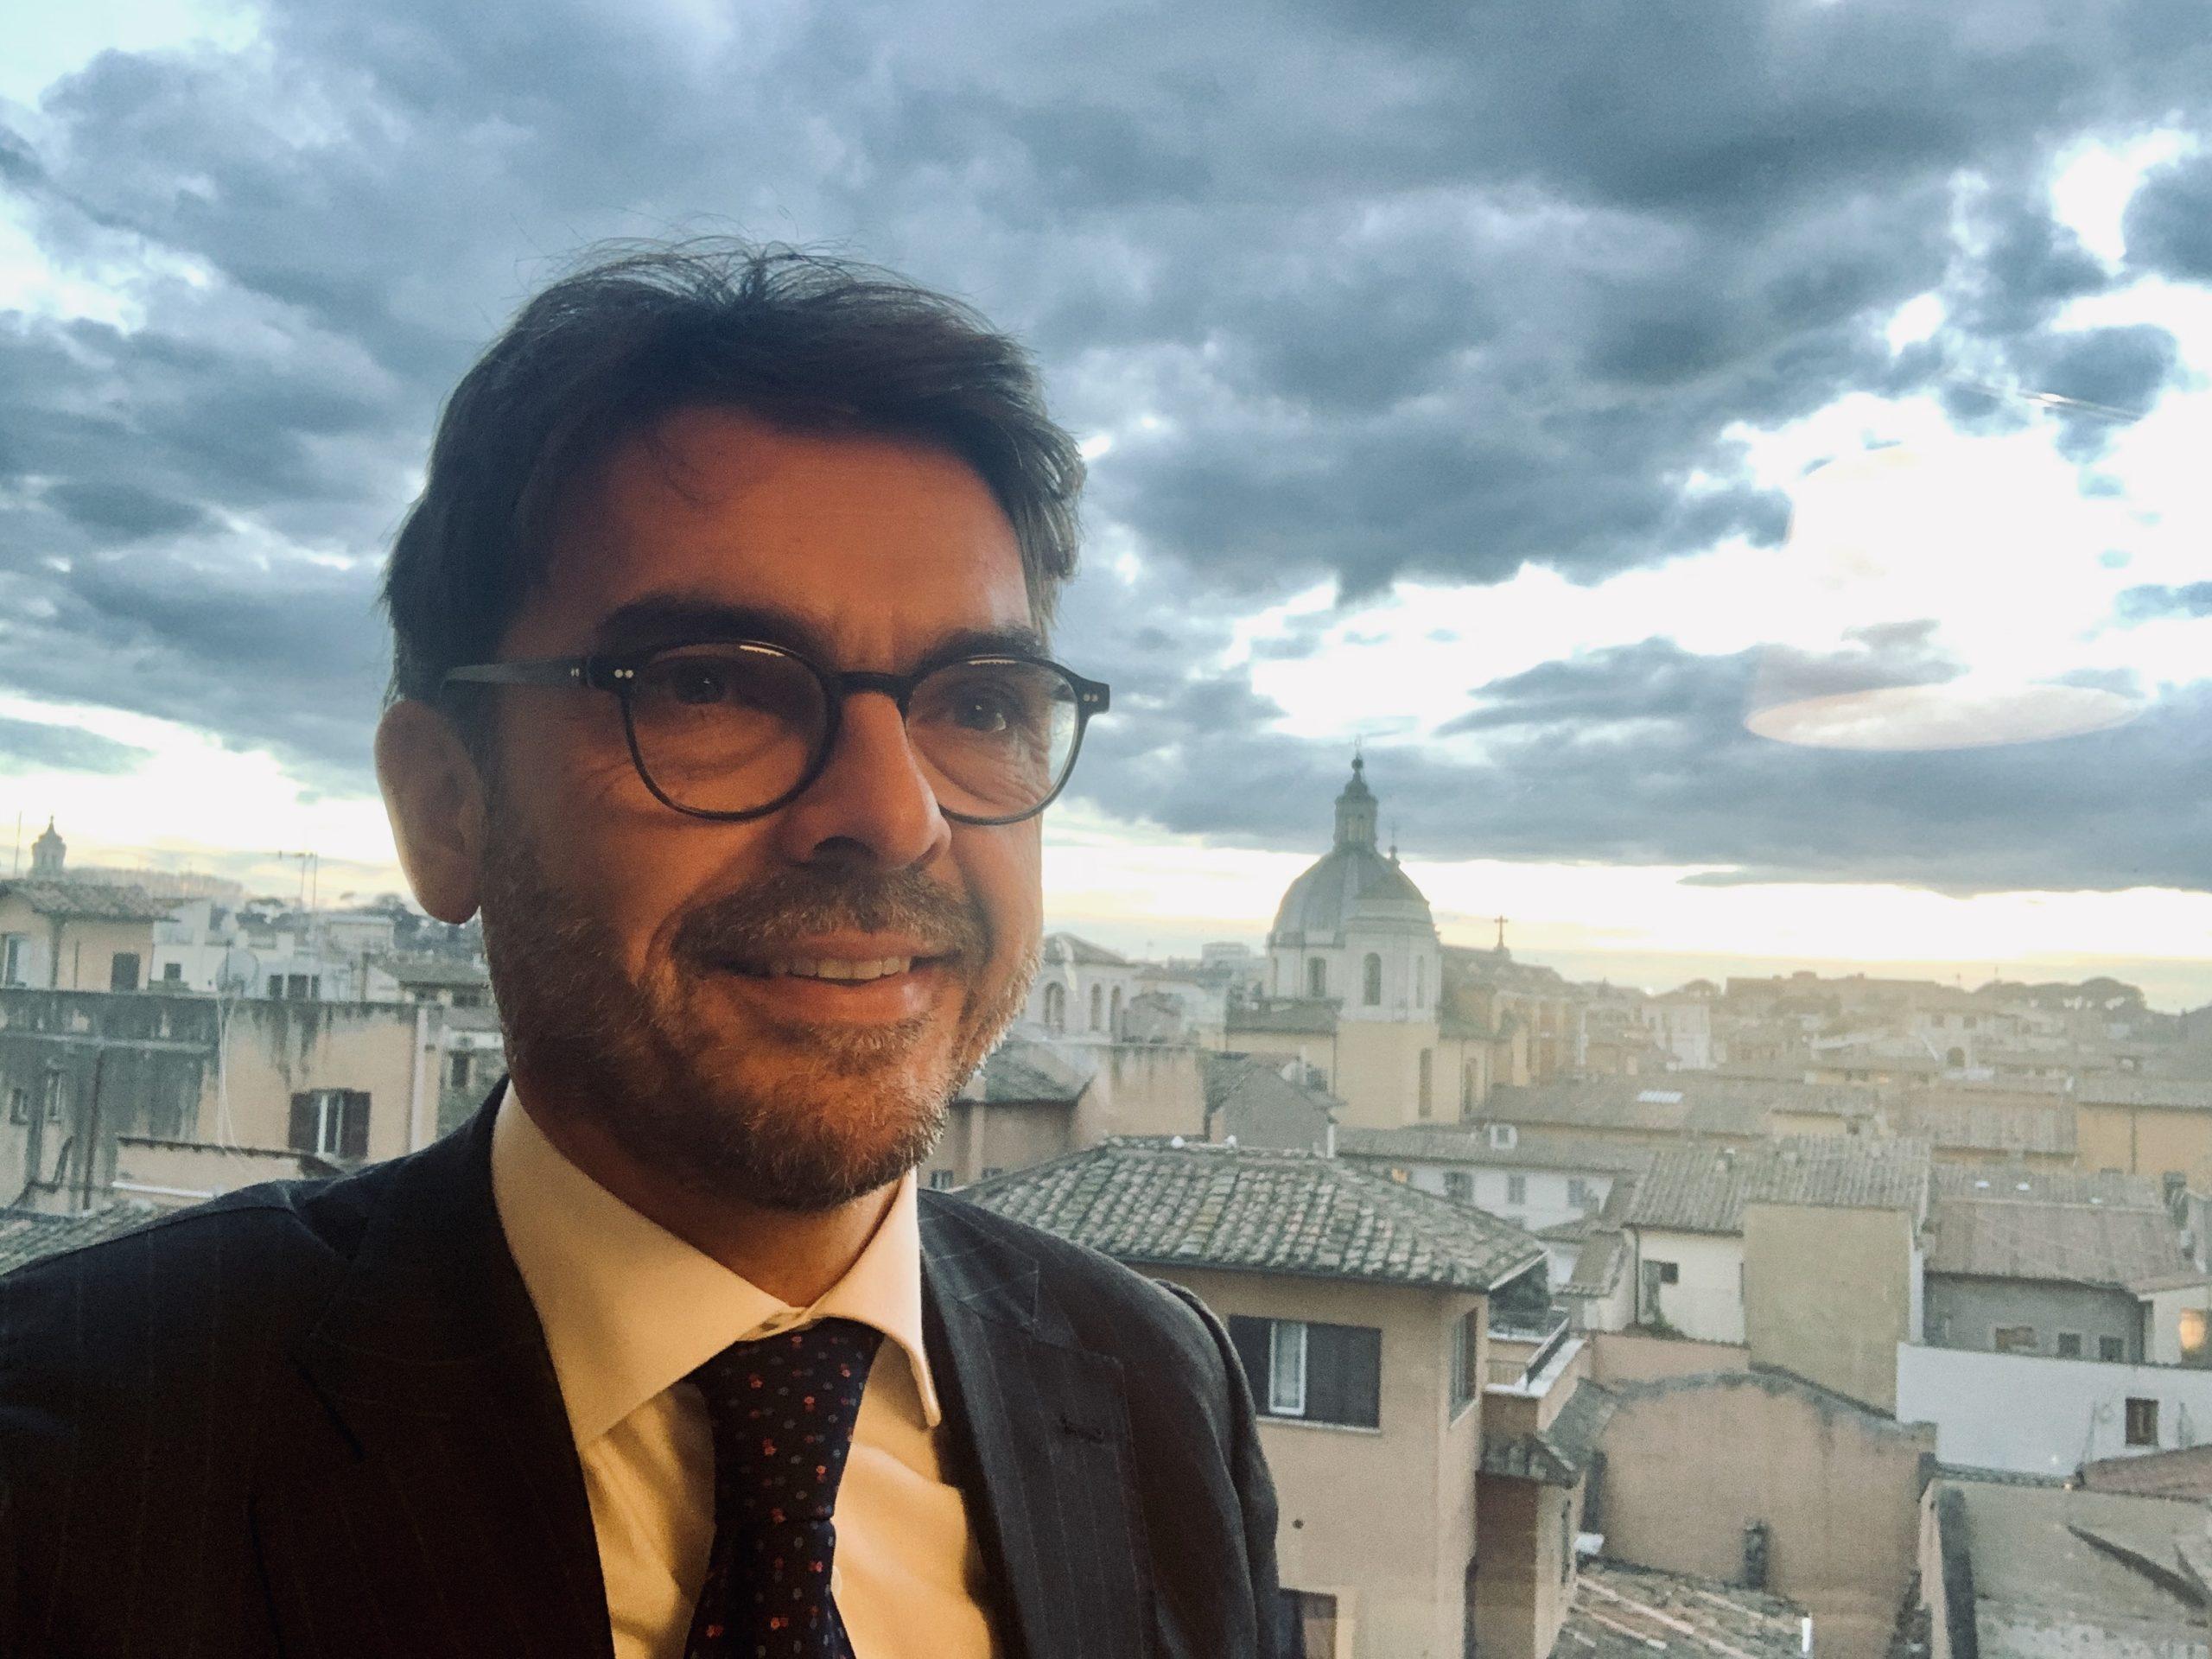 Daniele Cutolo